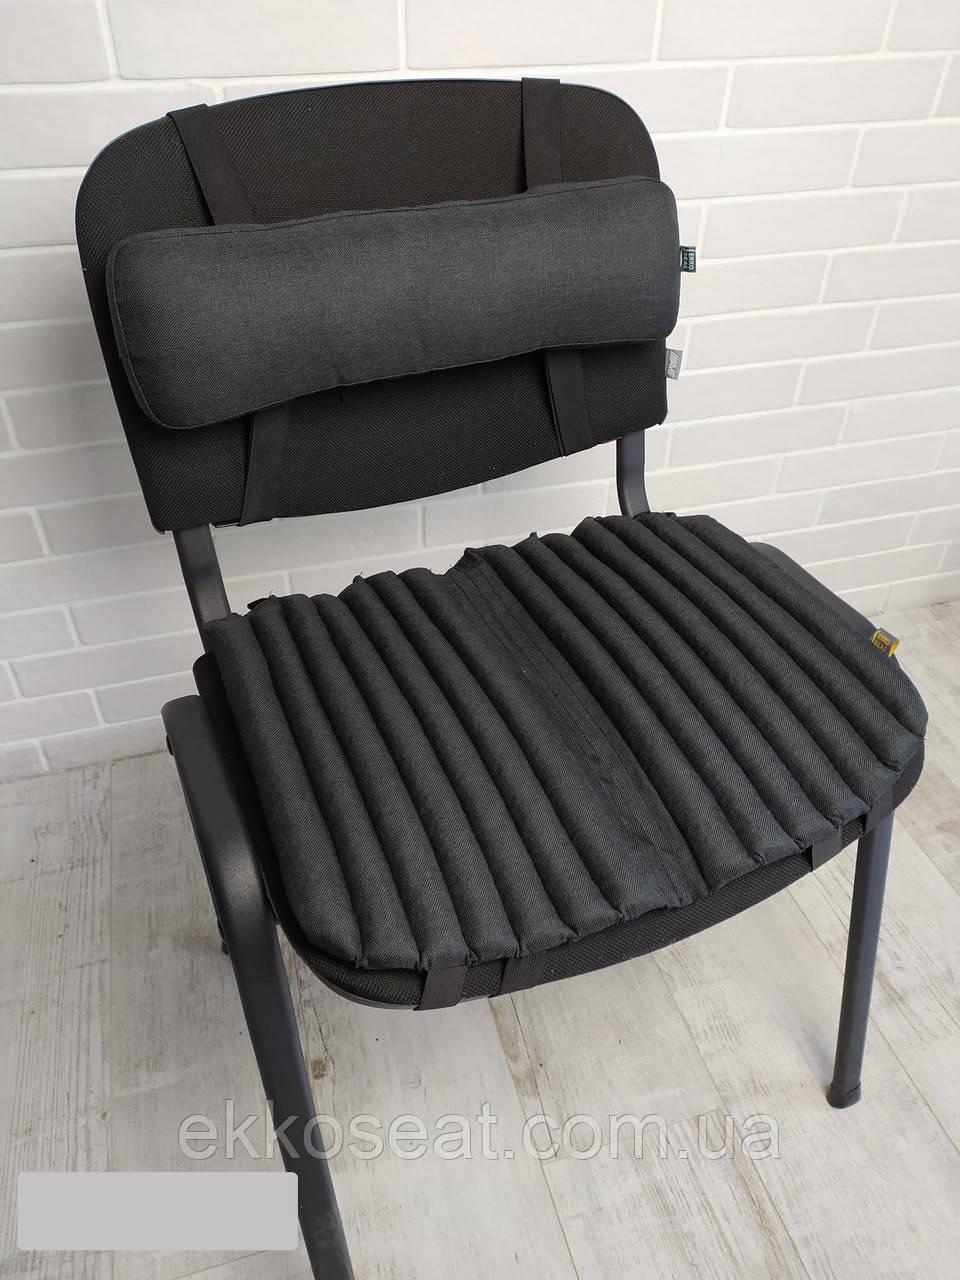 Ортопедические подушки накладки EKKOSEAT для сидения на стуле - комплект.